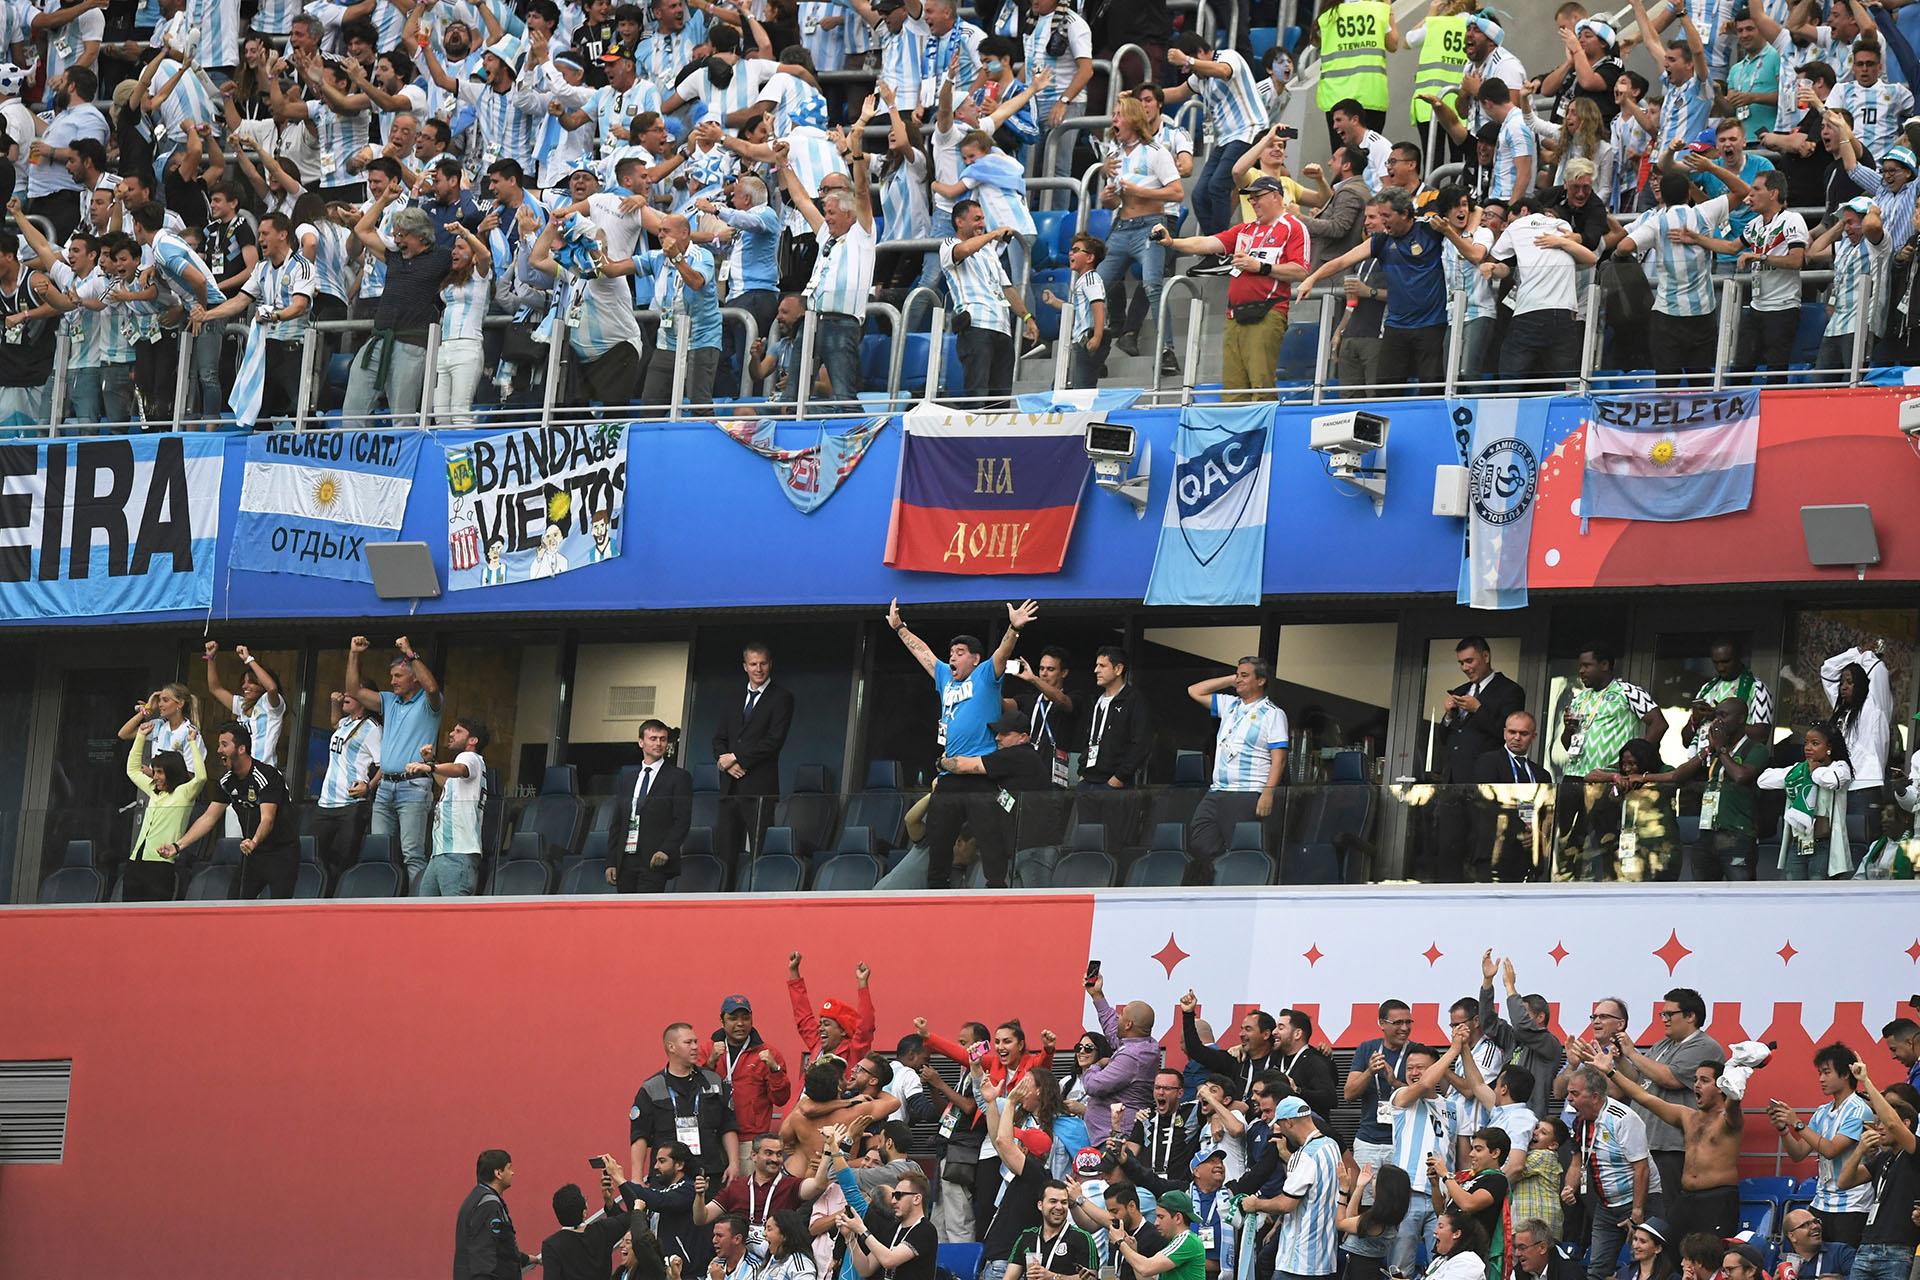 Las banderas de Argentina detrás de Maradona en pleno grito de gol de Messi